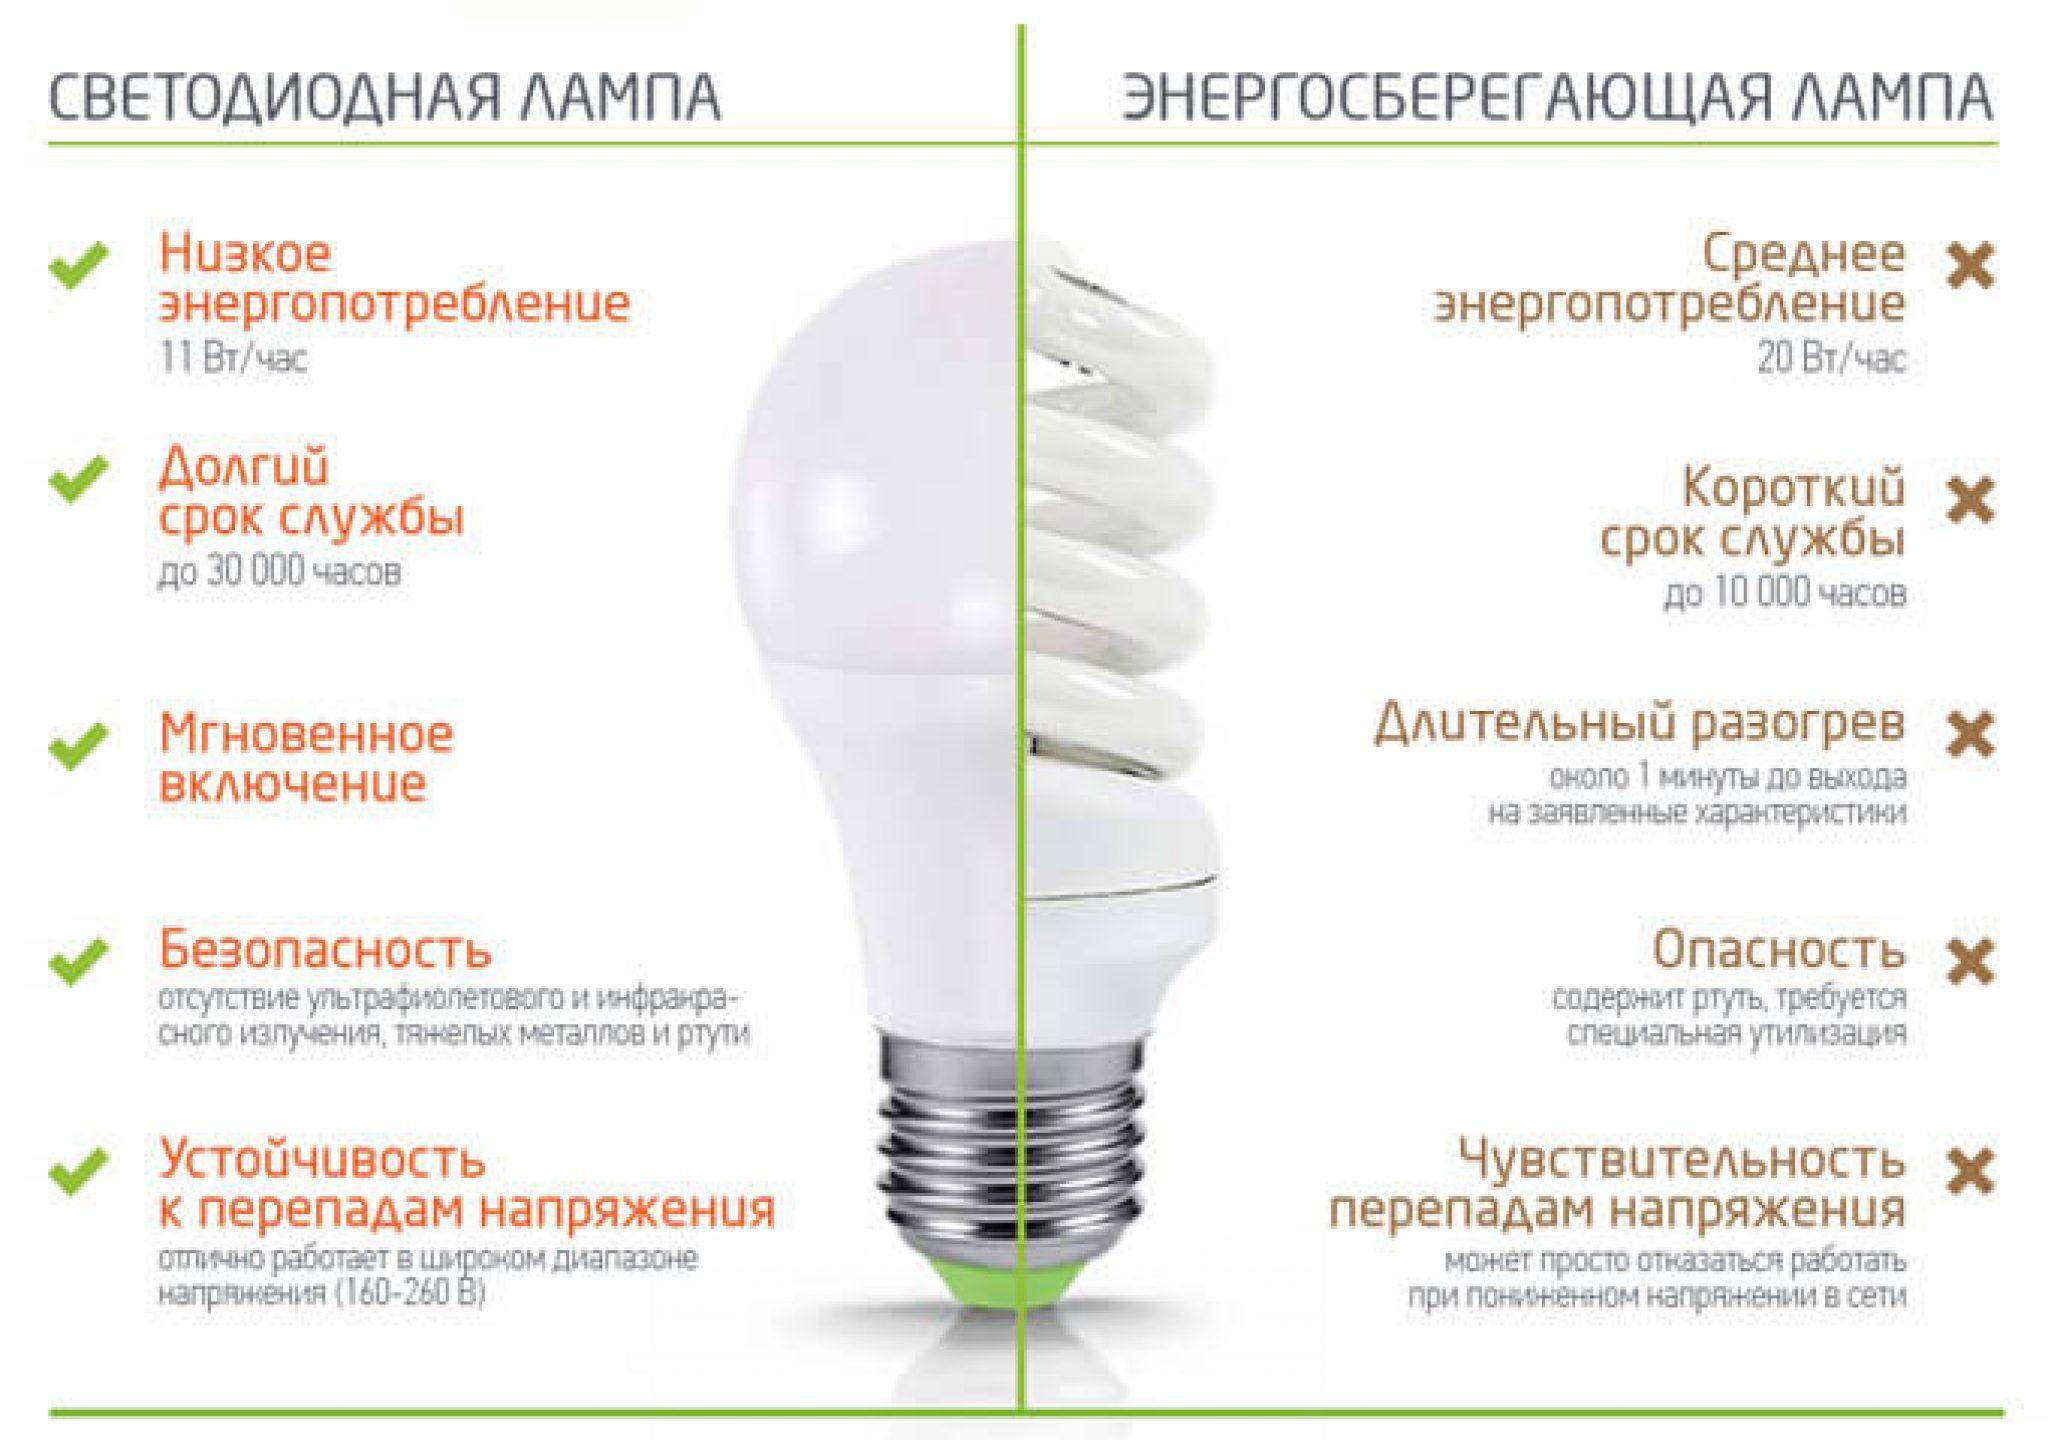 Самая экономная лампа для дома: энергосберегающая или светодиодная